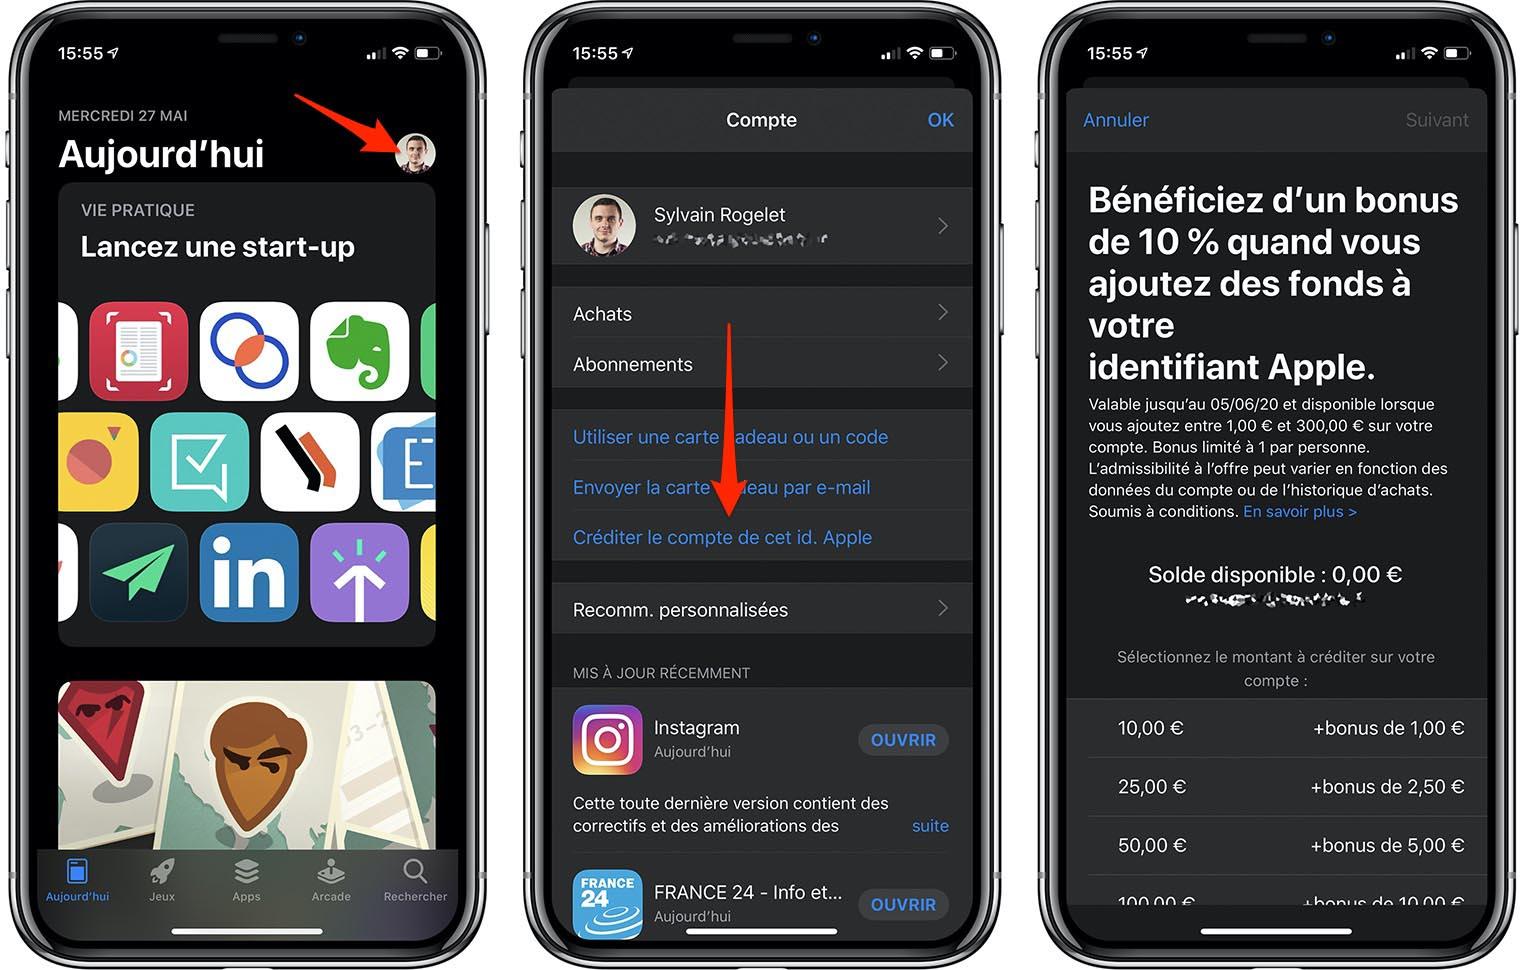 Bonus App Store